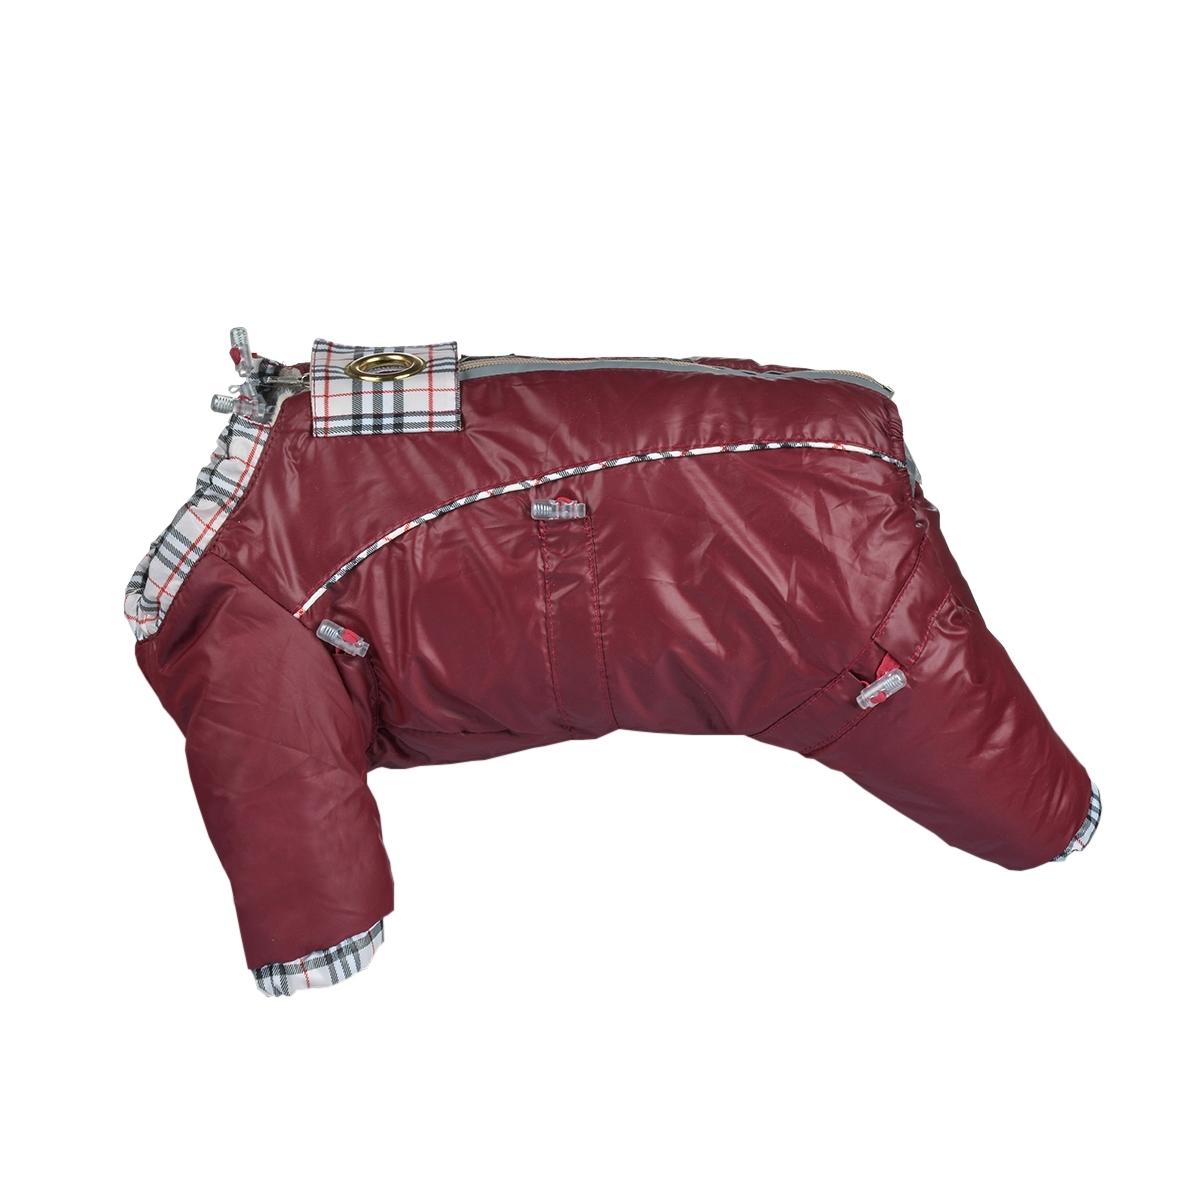 Комбинезон для собак Dogmoda  Doggs , для девочки, цвет: бордовый. Размер S - Одежда, обувь, украшения